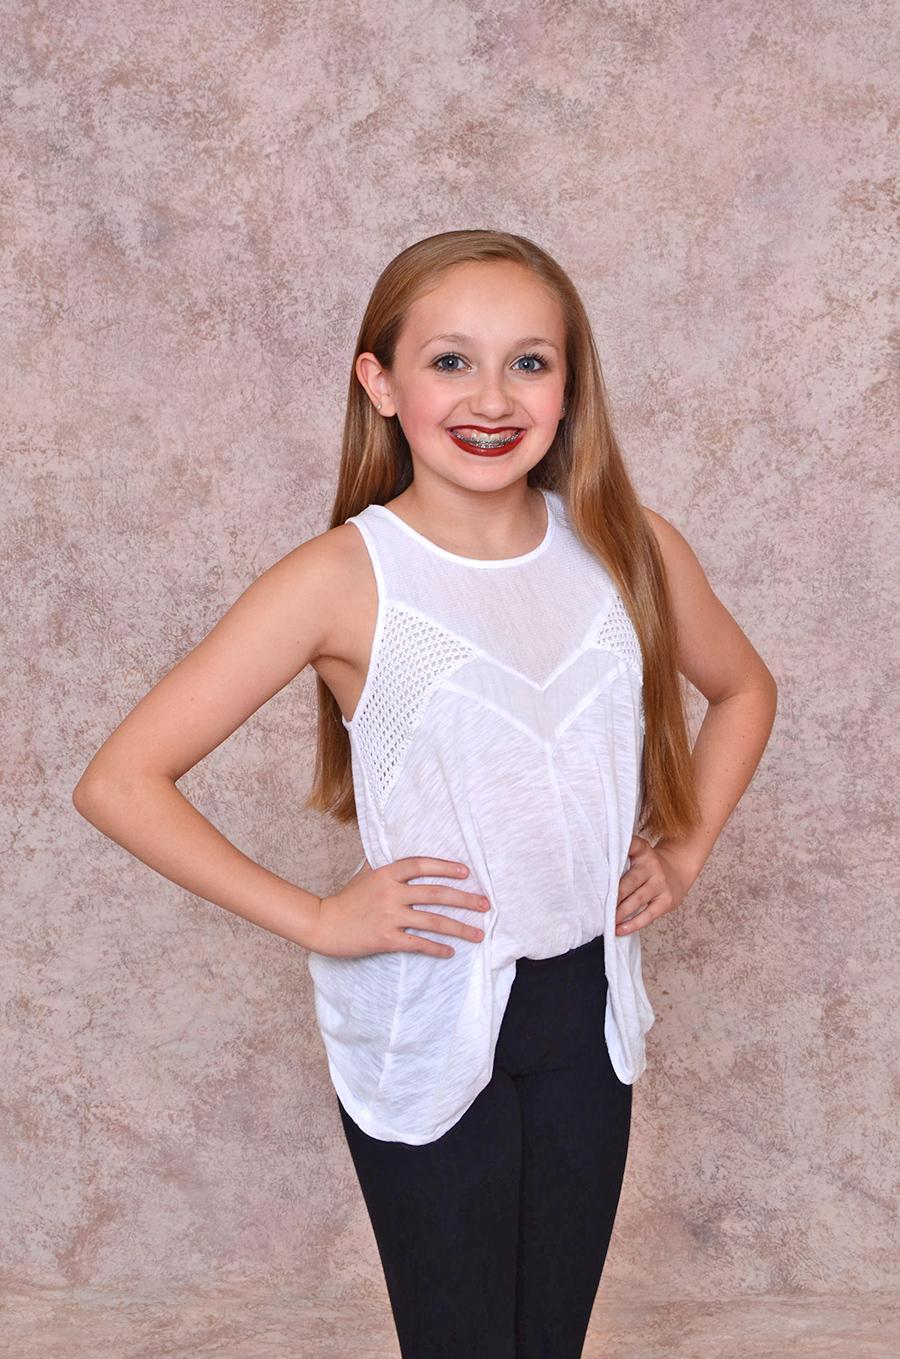 Susan's School of Dance Instructor Assistant - Alyssa Strege